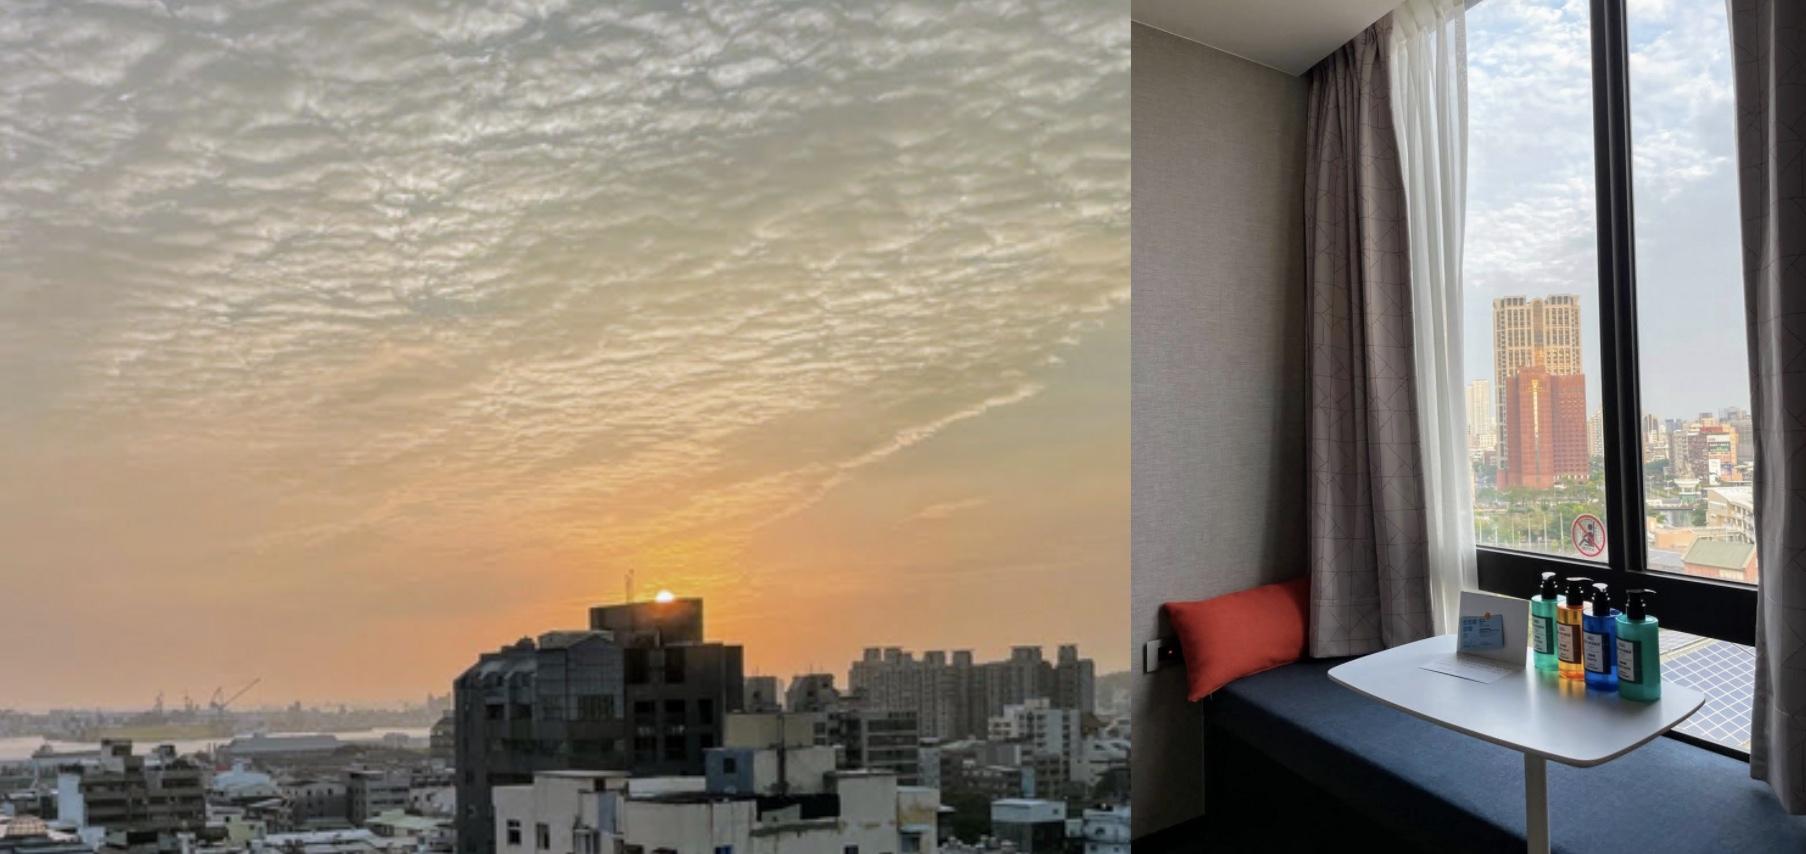 【高雄|鹽埕區】高雄愛河智選假日酒店|平價舒適的浴缸商旅|躺在房間就可以看美麗的西子灣日落